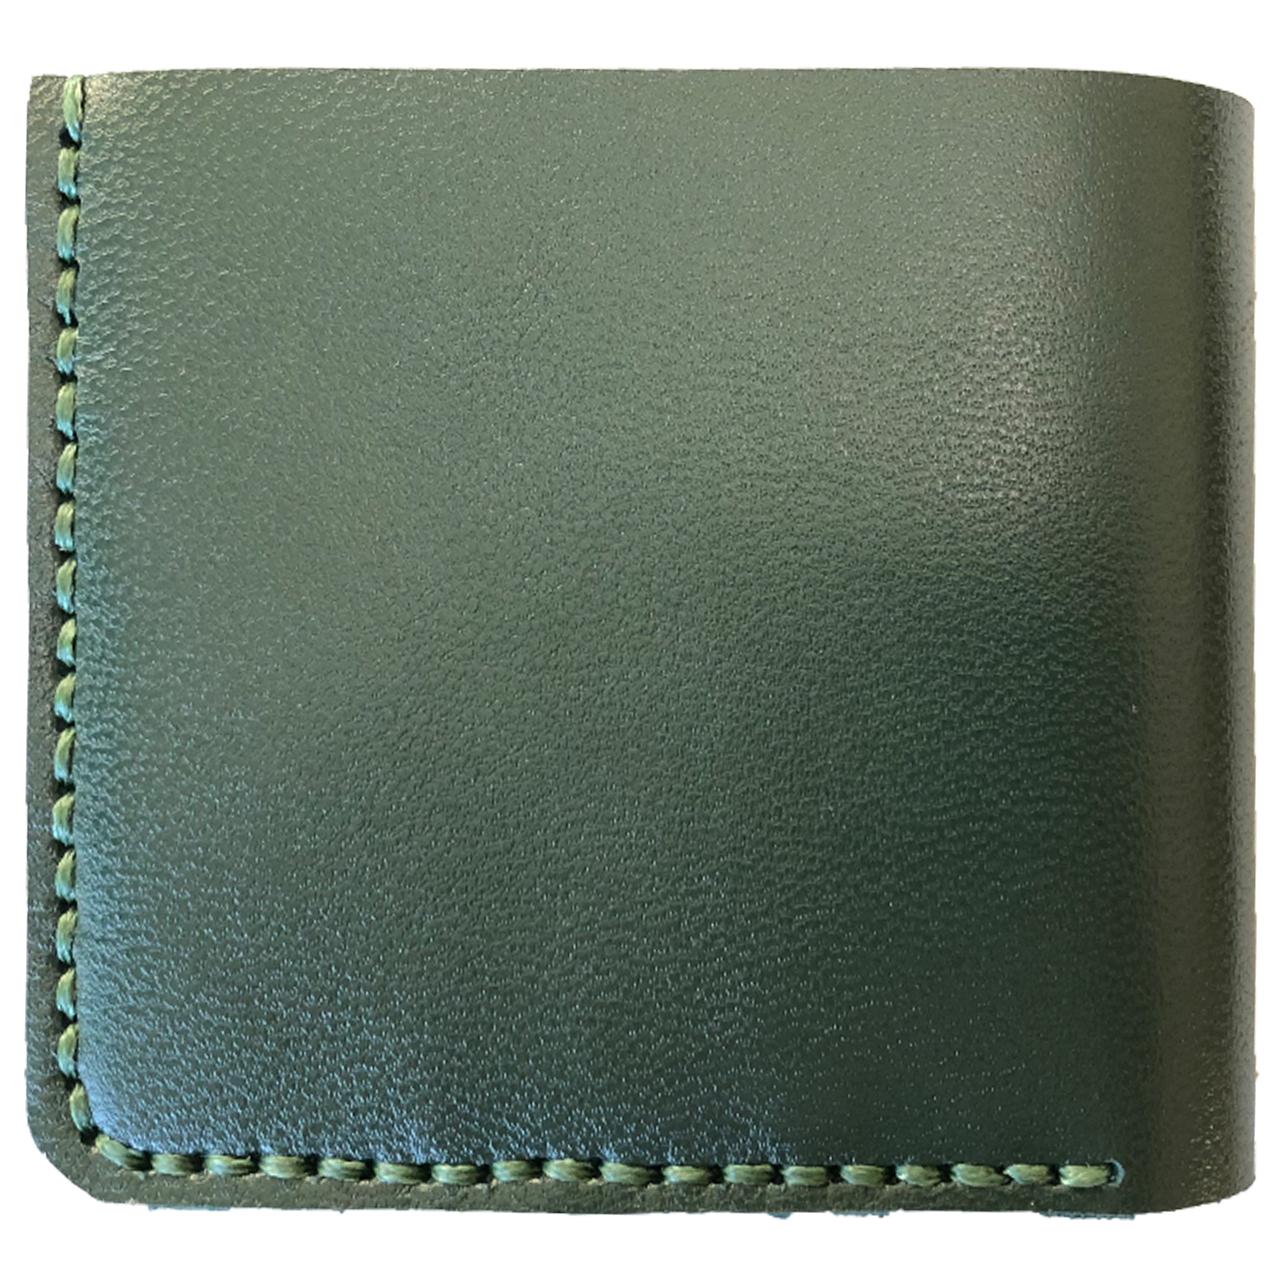 کیف پول چرم طبیعی ای دی گالری مدل B2-G